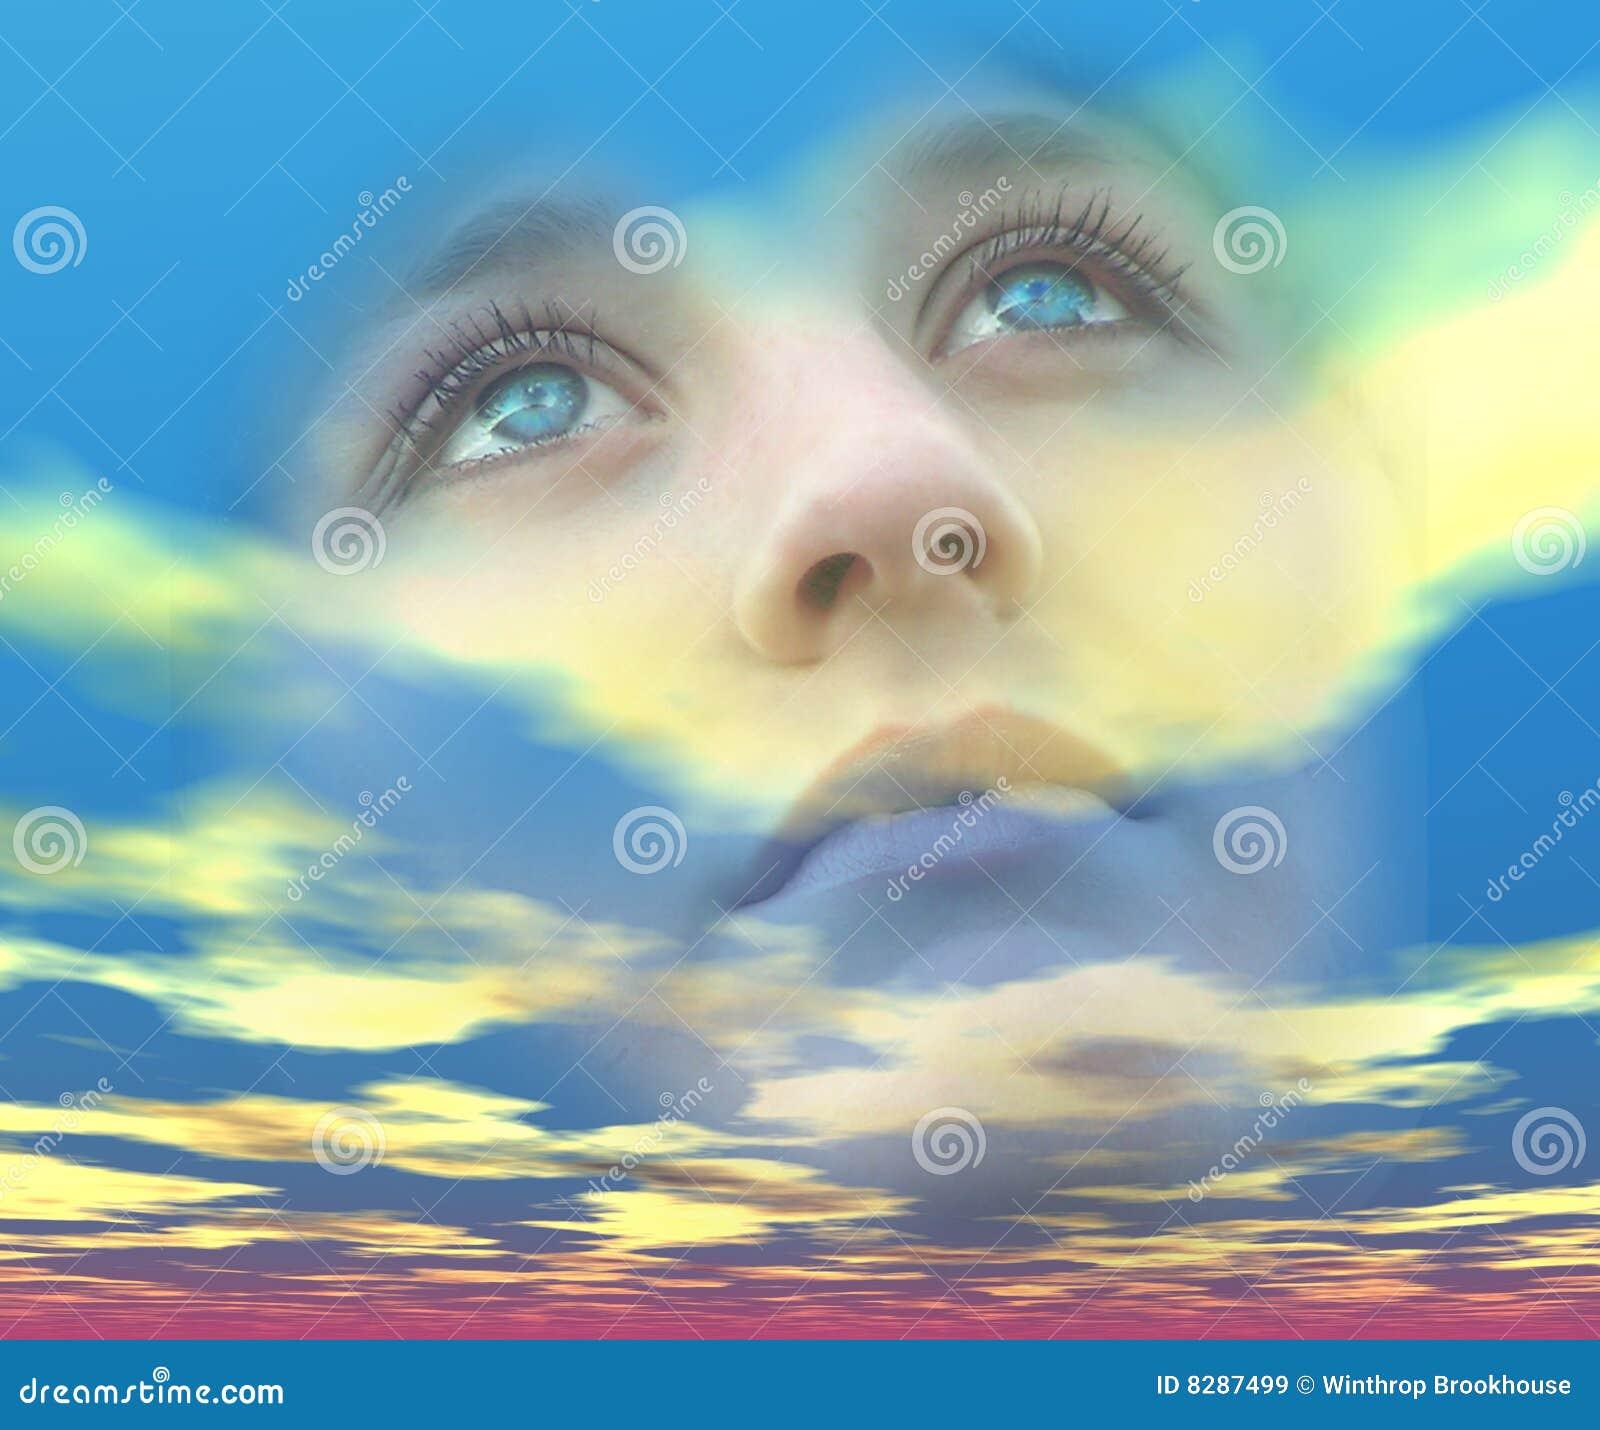 мечтательные глаза